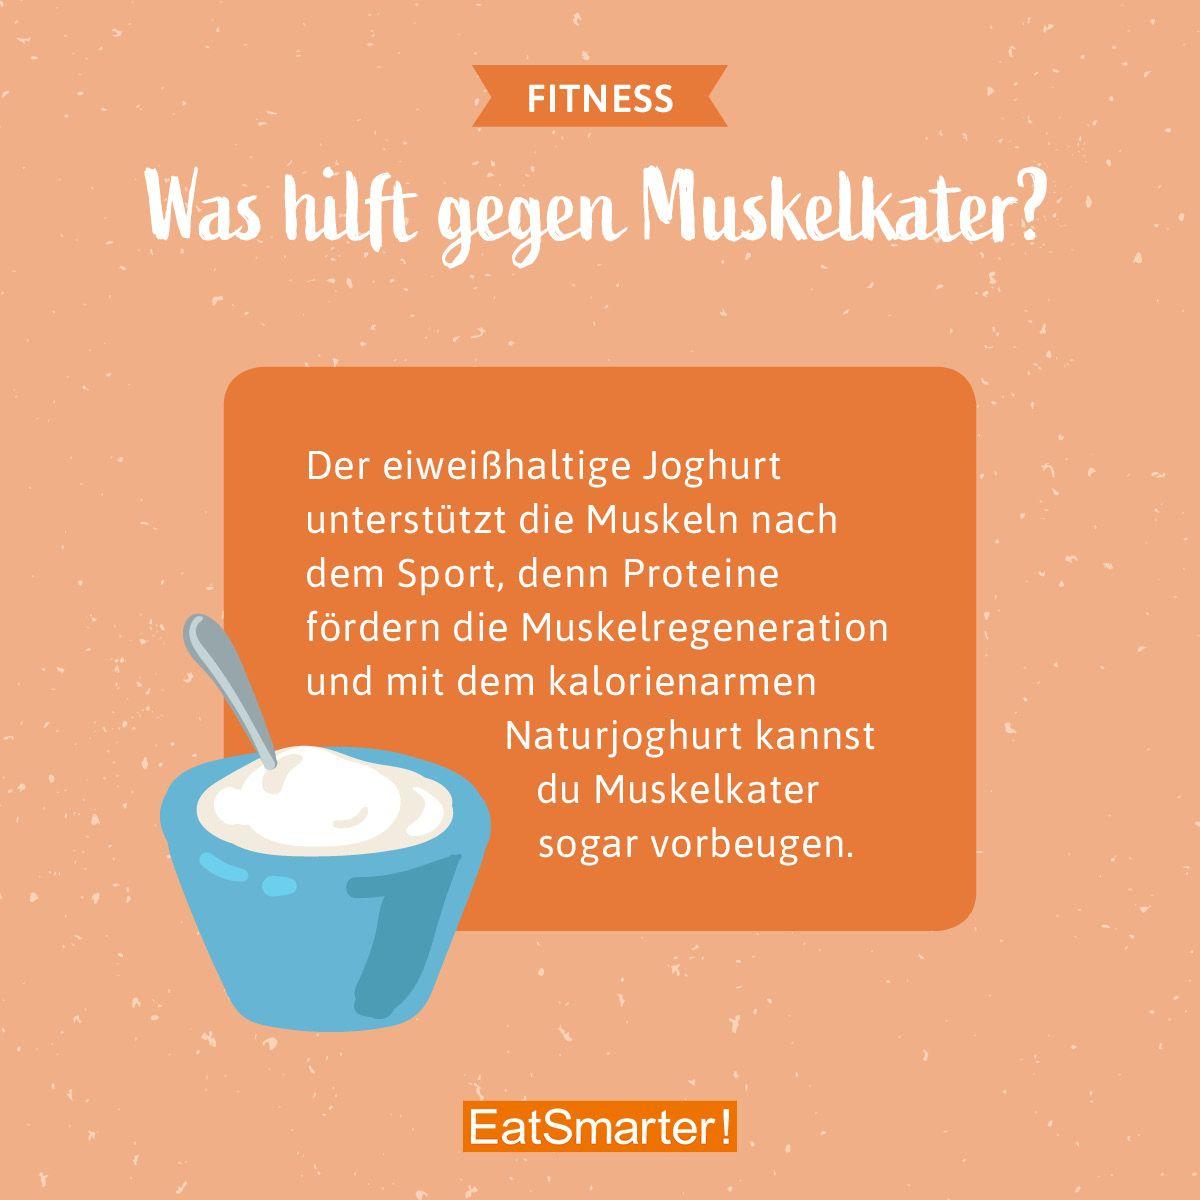 Joghurt unterstützt die Muskeln nach dem Sport mit den darin enthaltenen Proteinen. 5 weitere Lebens...